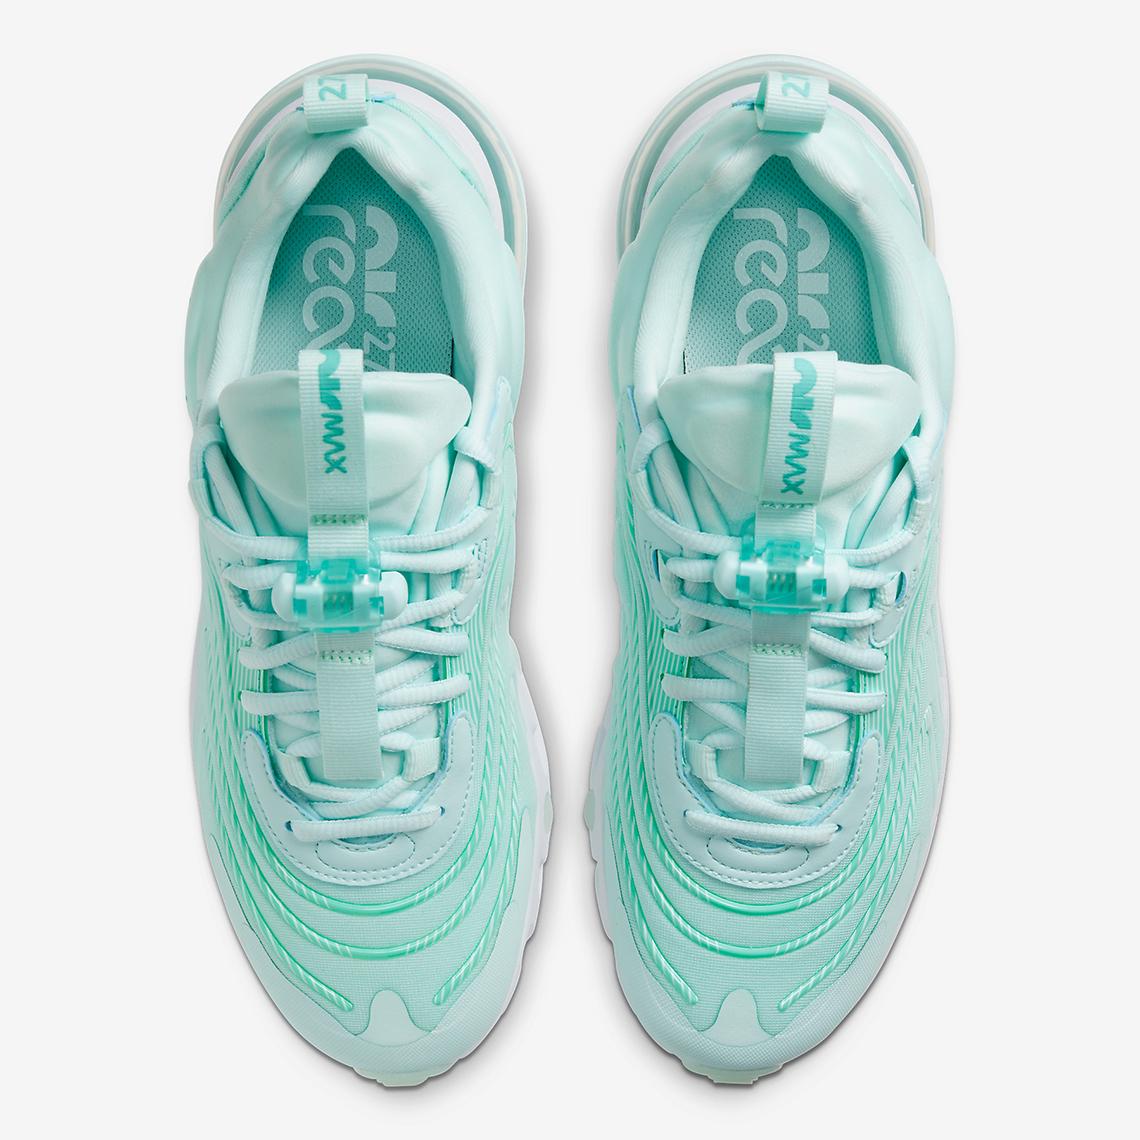 Nike Air Max 270 React ENG Glacial Blue Coming Soon